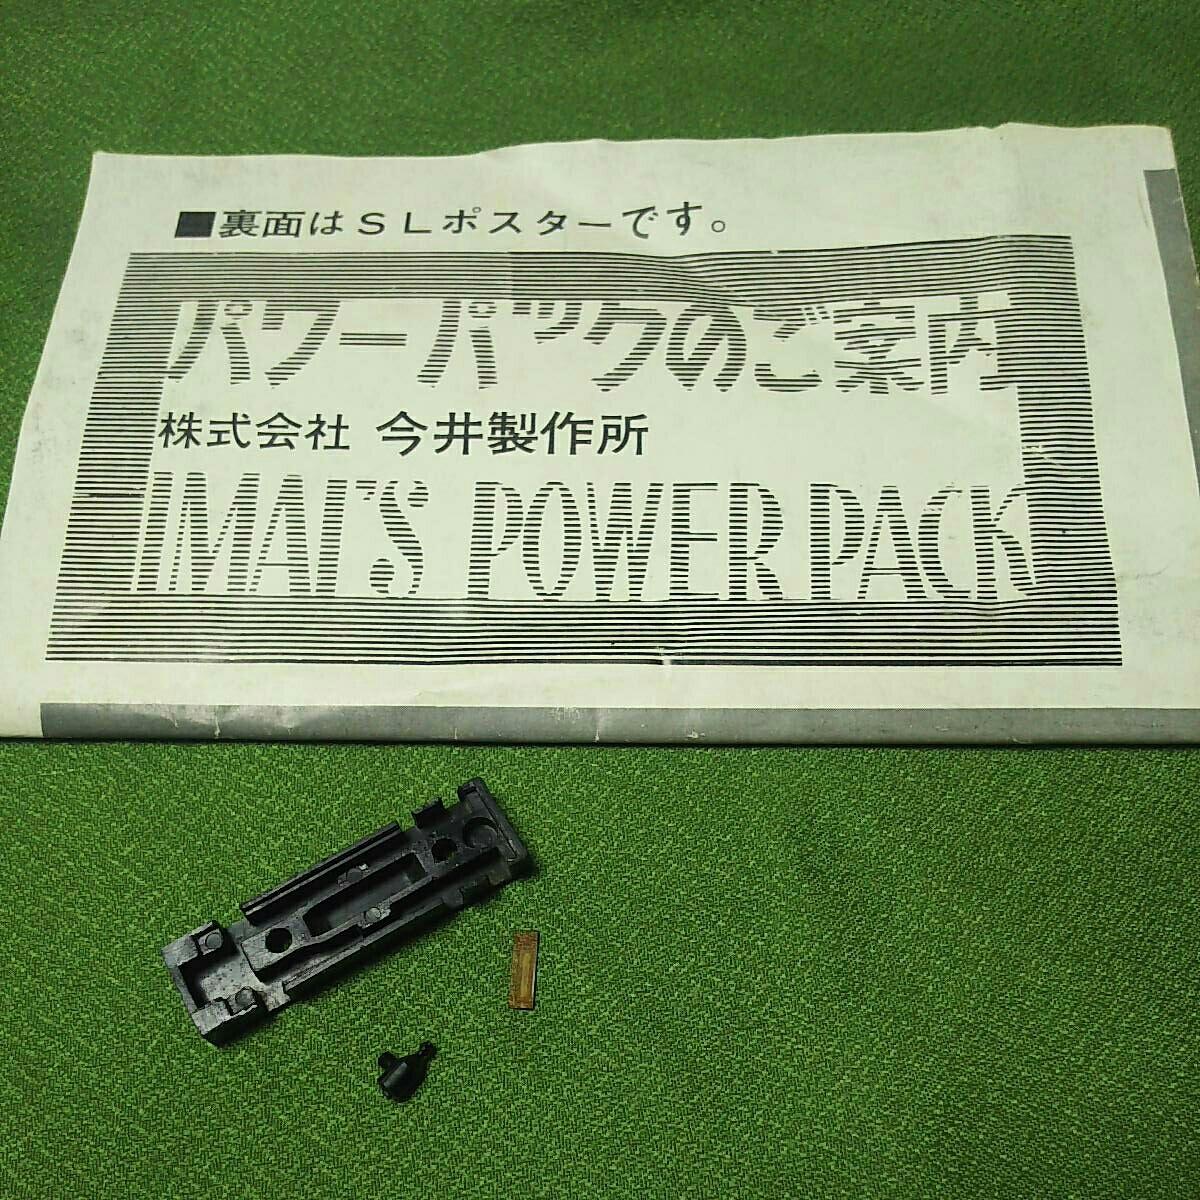 【一円スタート】KTM KATUMI カツミ 形式C59 蒸気機関車 HOゲージ 鉄道模型 ジャンク_画像9